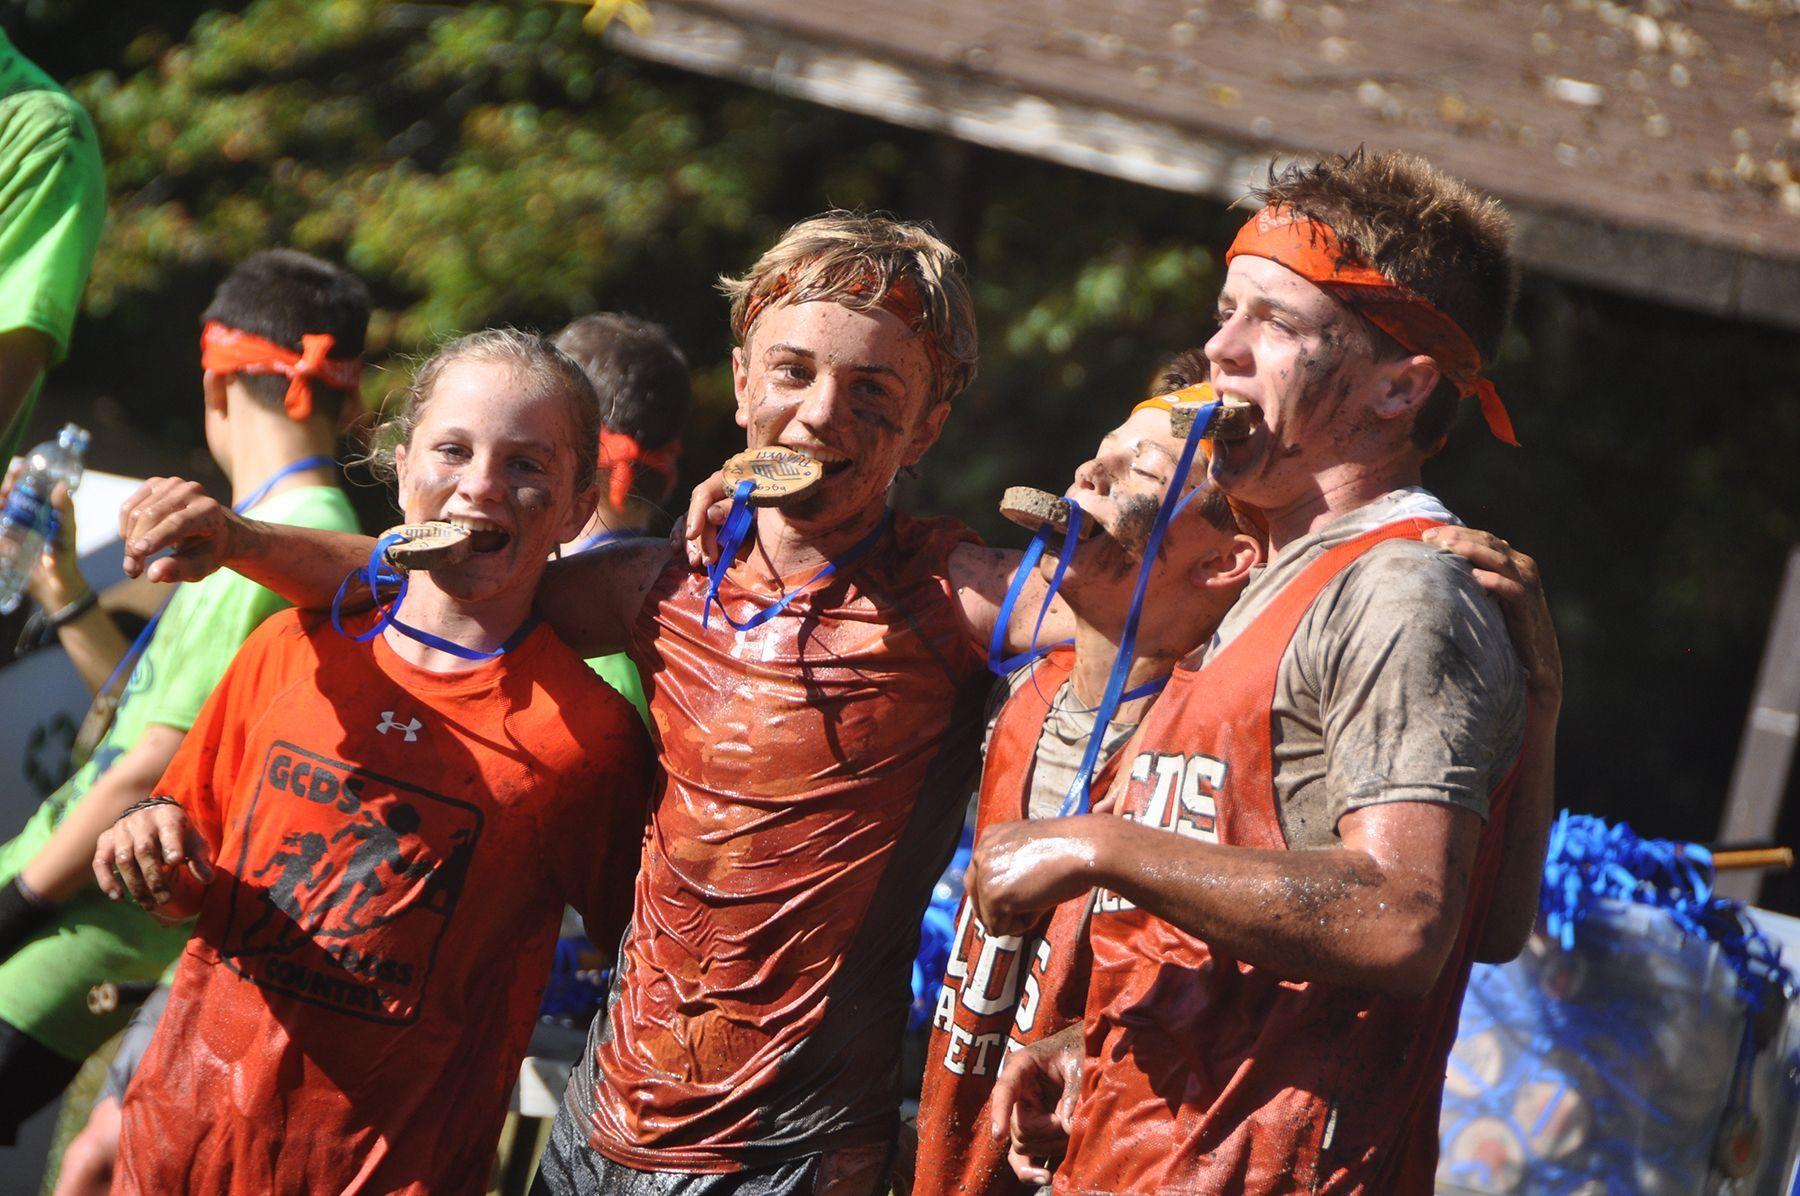 Muddy Up 5K Family Run & Walk